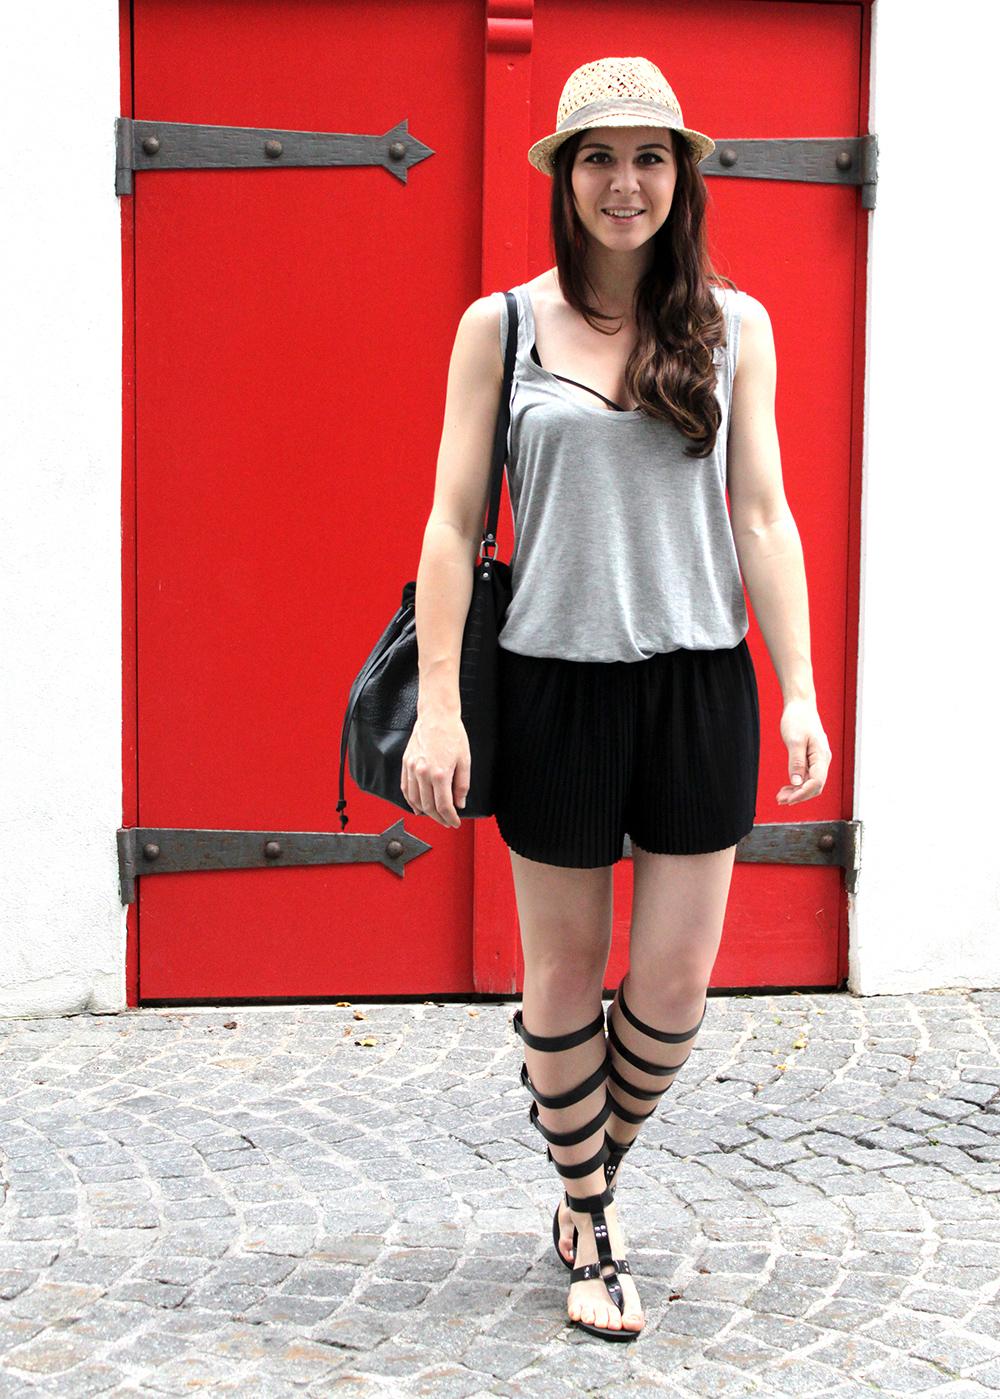 who is mocca, fashionblog austria, fashionblog tirol, plissee shorts, römersandalen zara, gladiator sandalen, pieces bucket bag, sarenza beuteltasche schwarz, basic shirt, strap bh, bra let straps, strohhut H&M